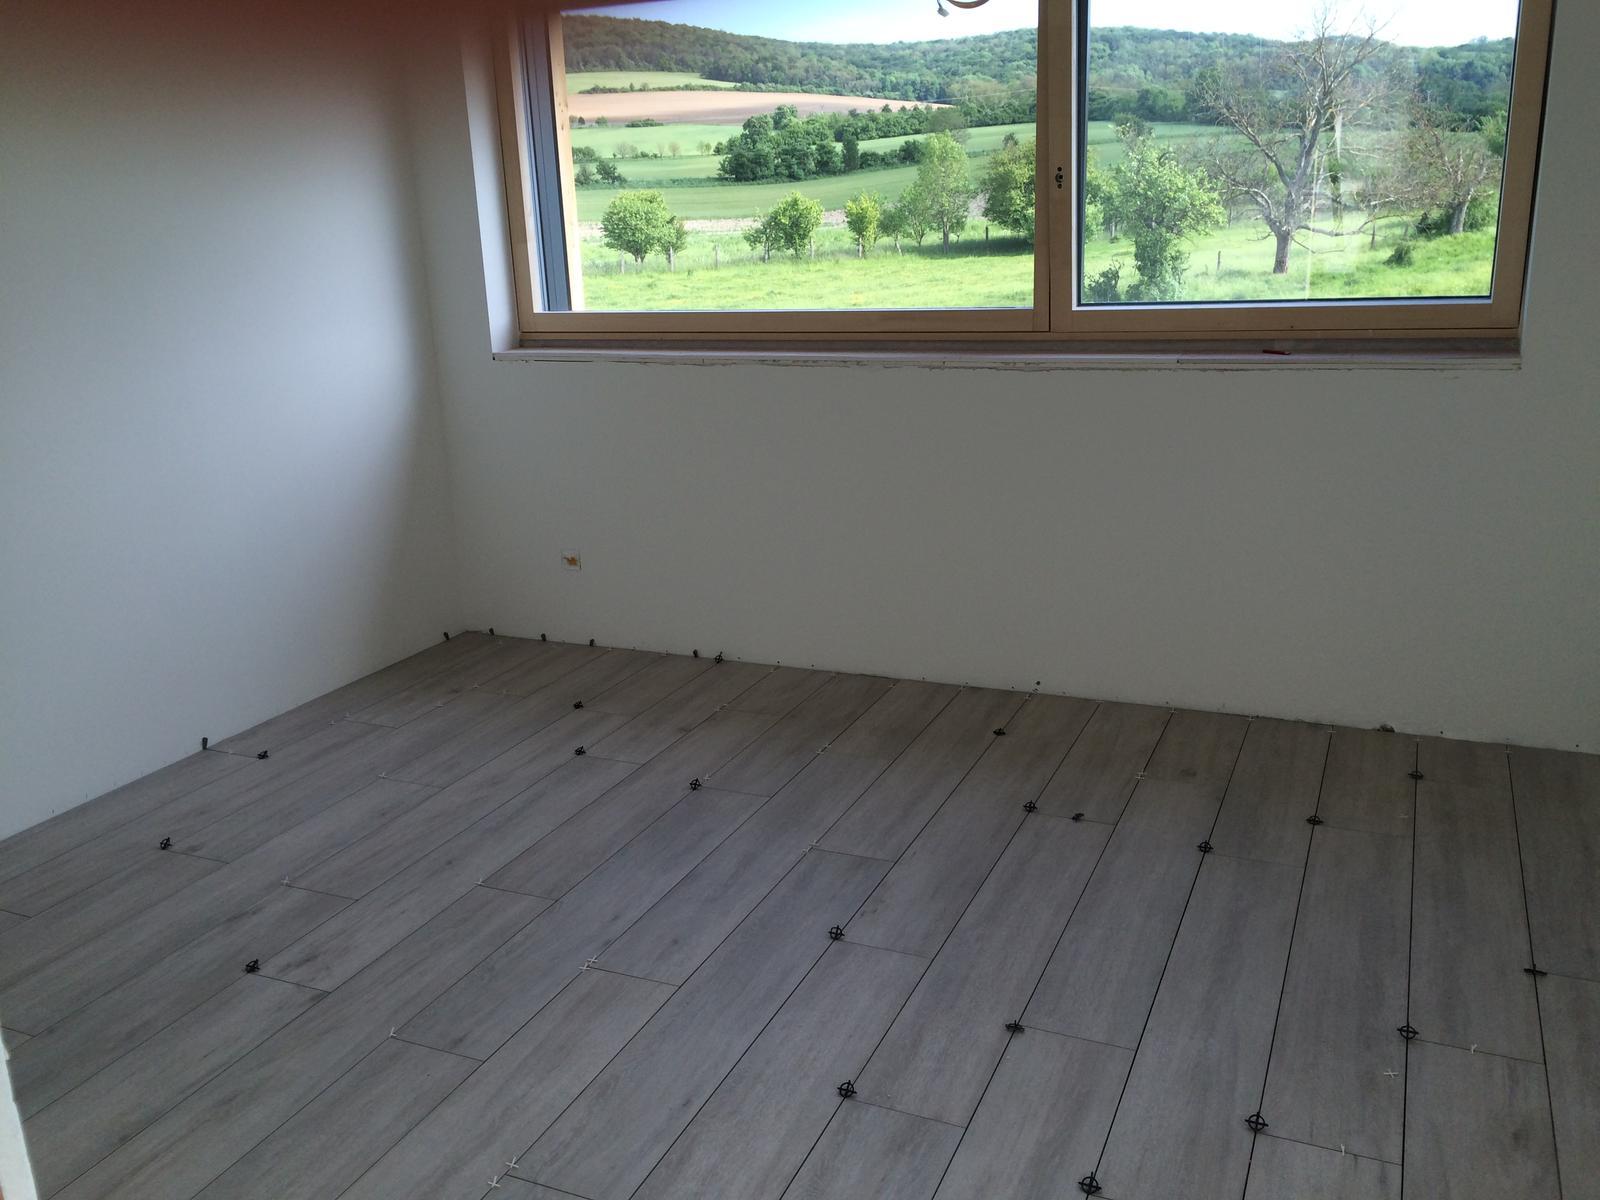 """Sedliacky dom, alias naša """"sýpka"""" - Podlaha v detskej c. 1 skoro hotovo. po vysparovani uz len zasuvky, parapety, zaluzie a hotovka."""